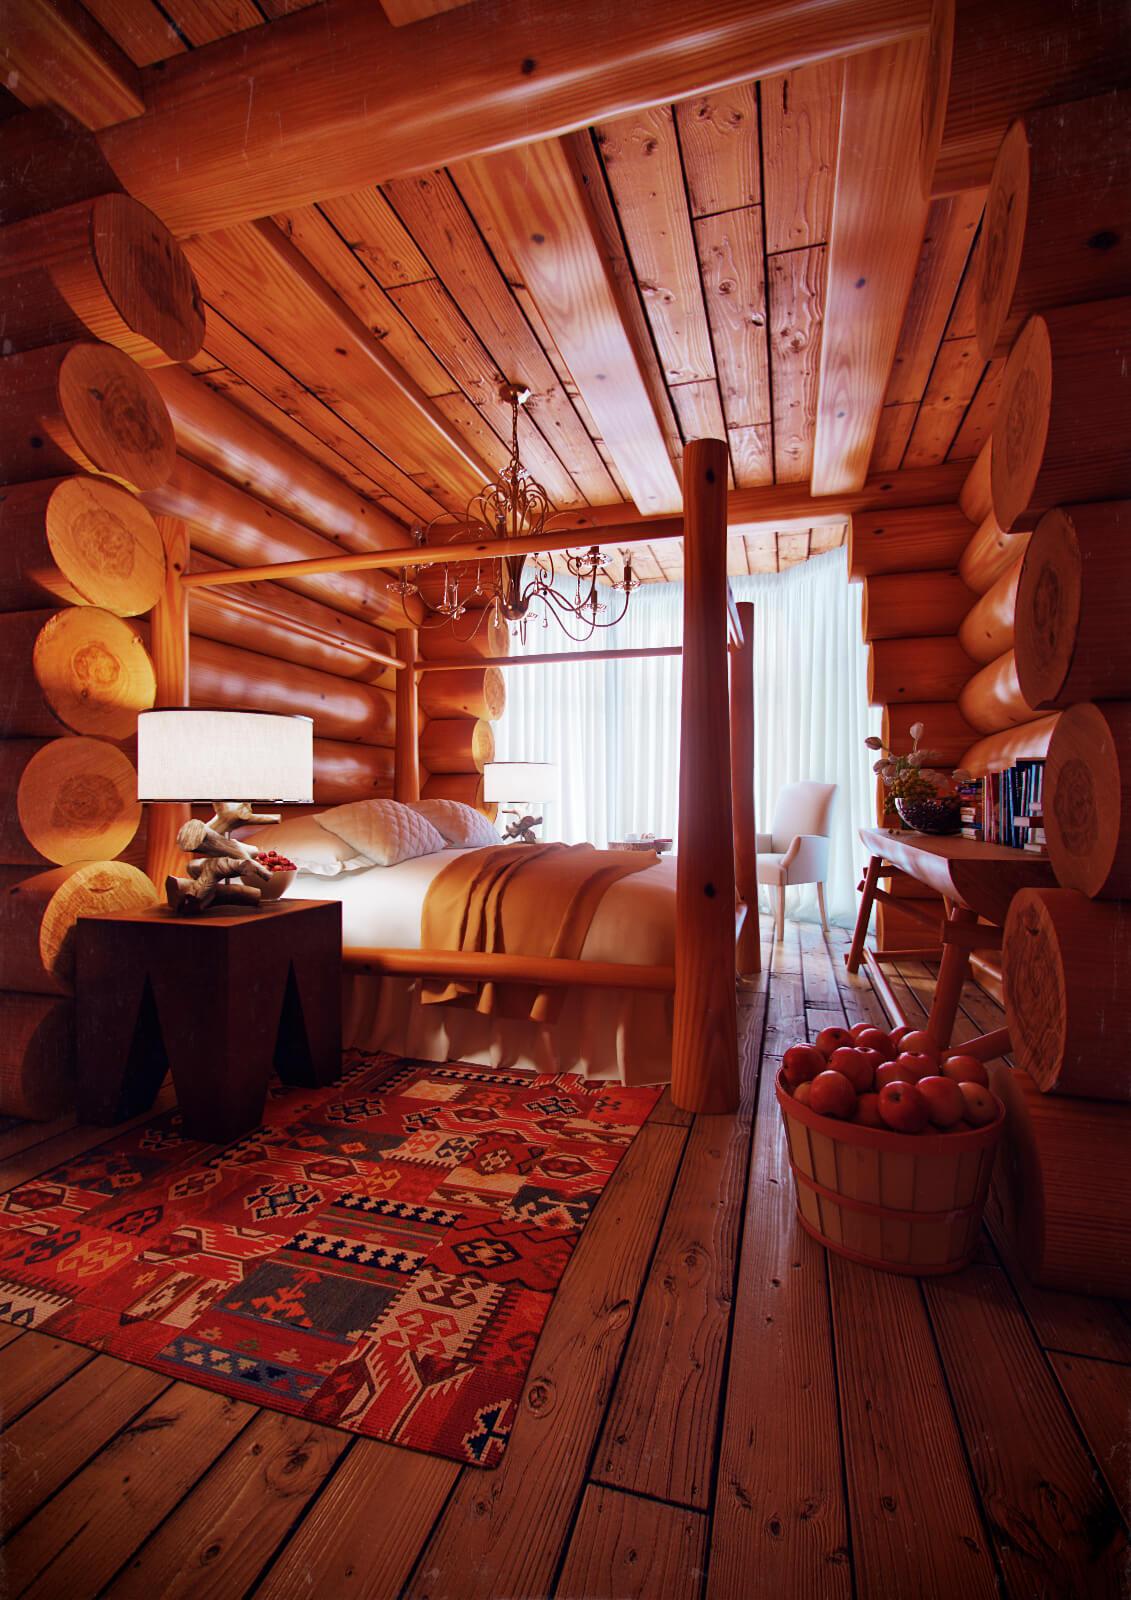 Спальня, Дом из сруба, г. Киев